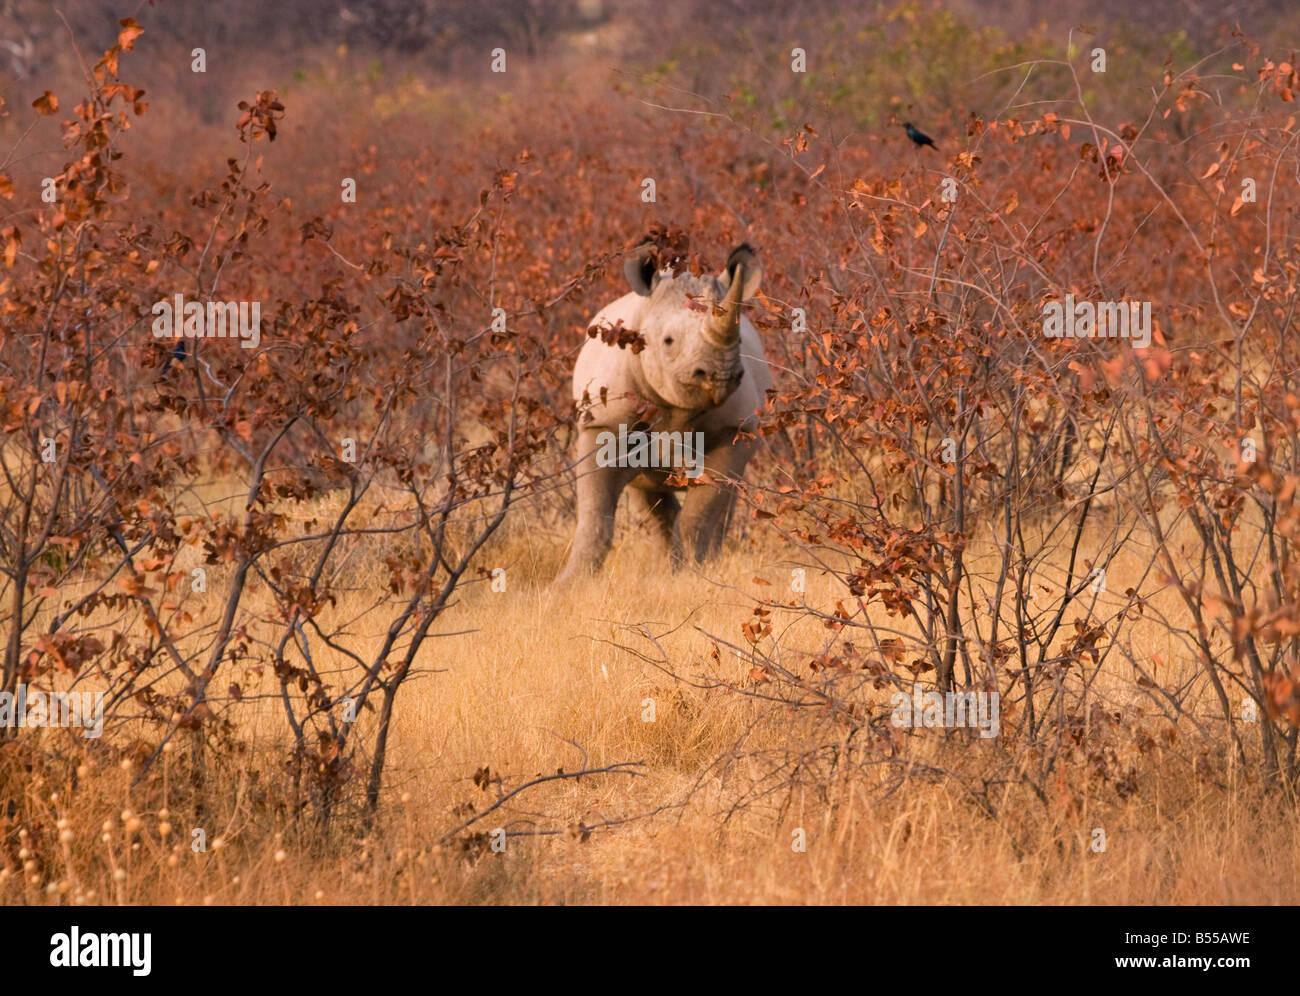 rhino rhinoceros animal Africa Etosha Namibia - Stock Image